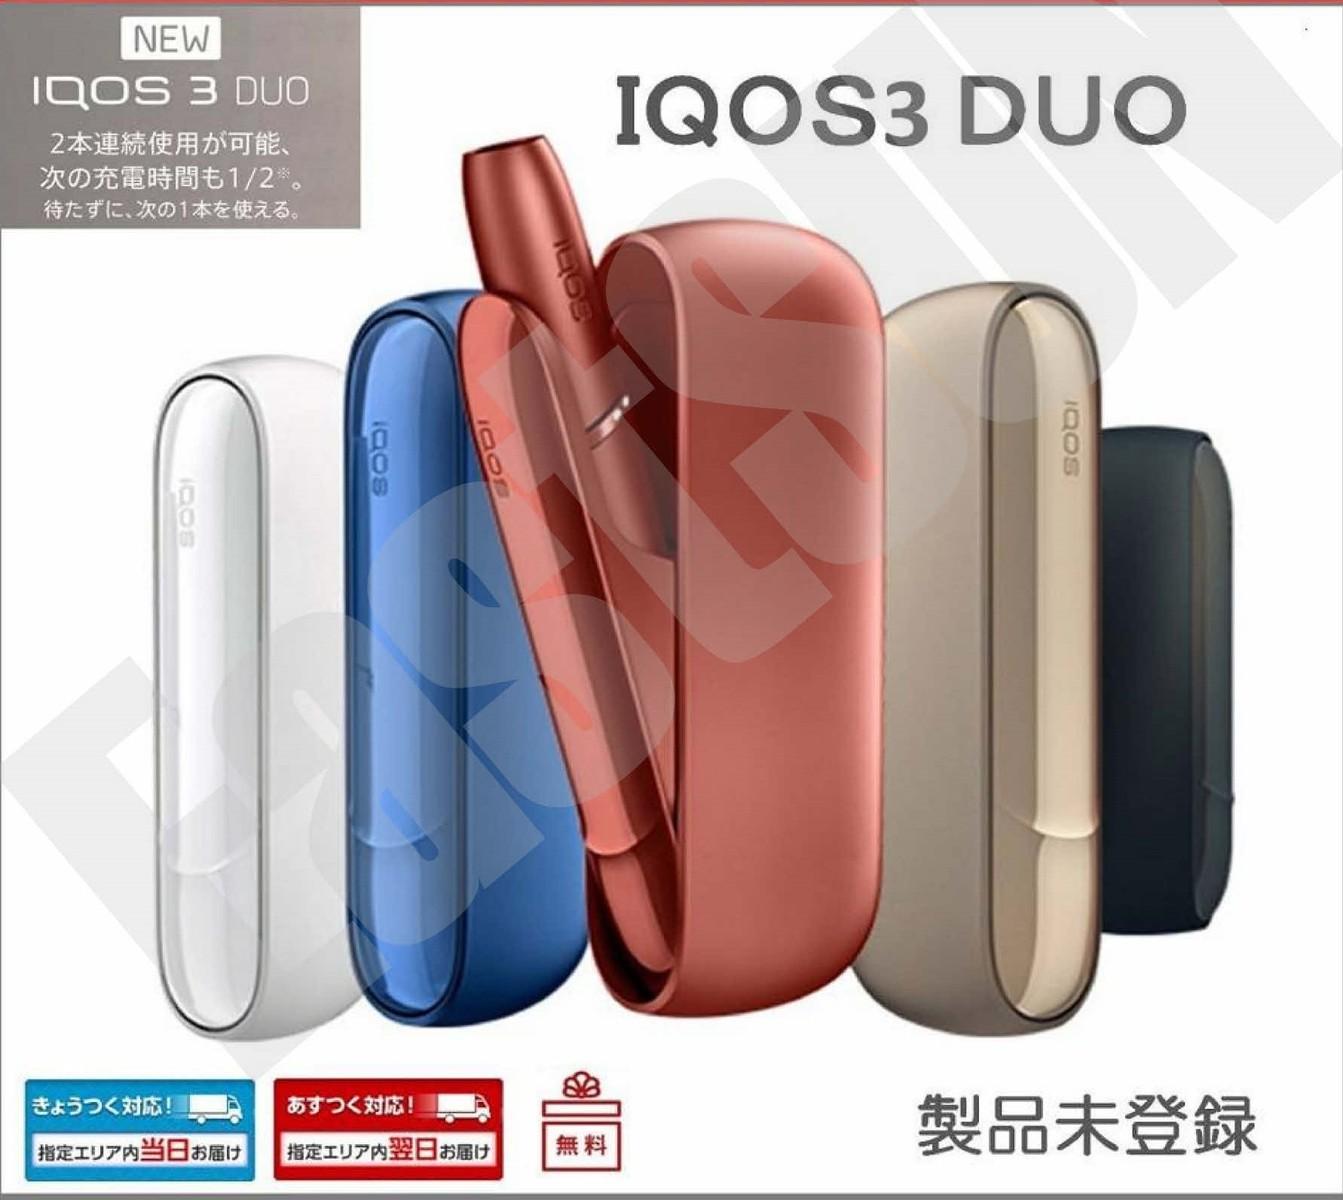 アイコス3 DUO 製品未登録  デュオ 最新型 アイコス 全6種類より IQOS 本体 スターターキット 電子タバコ